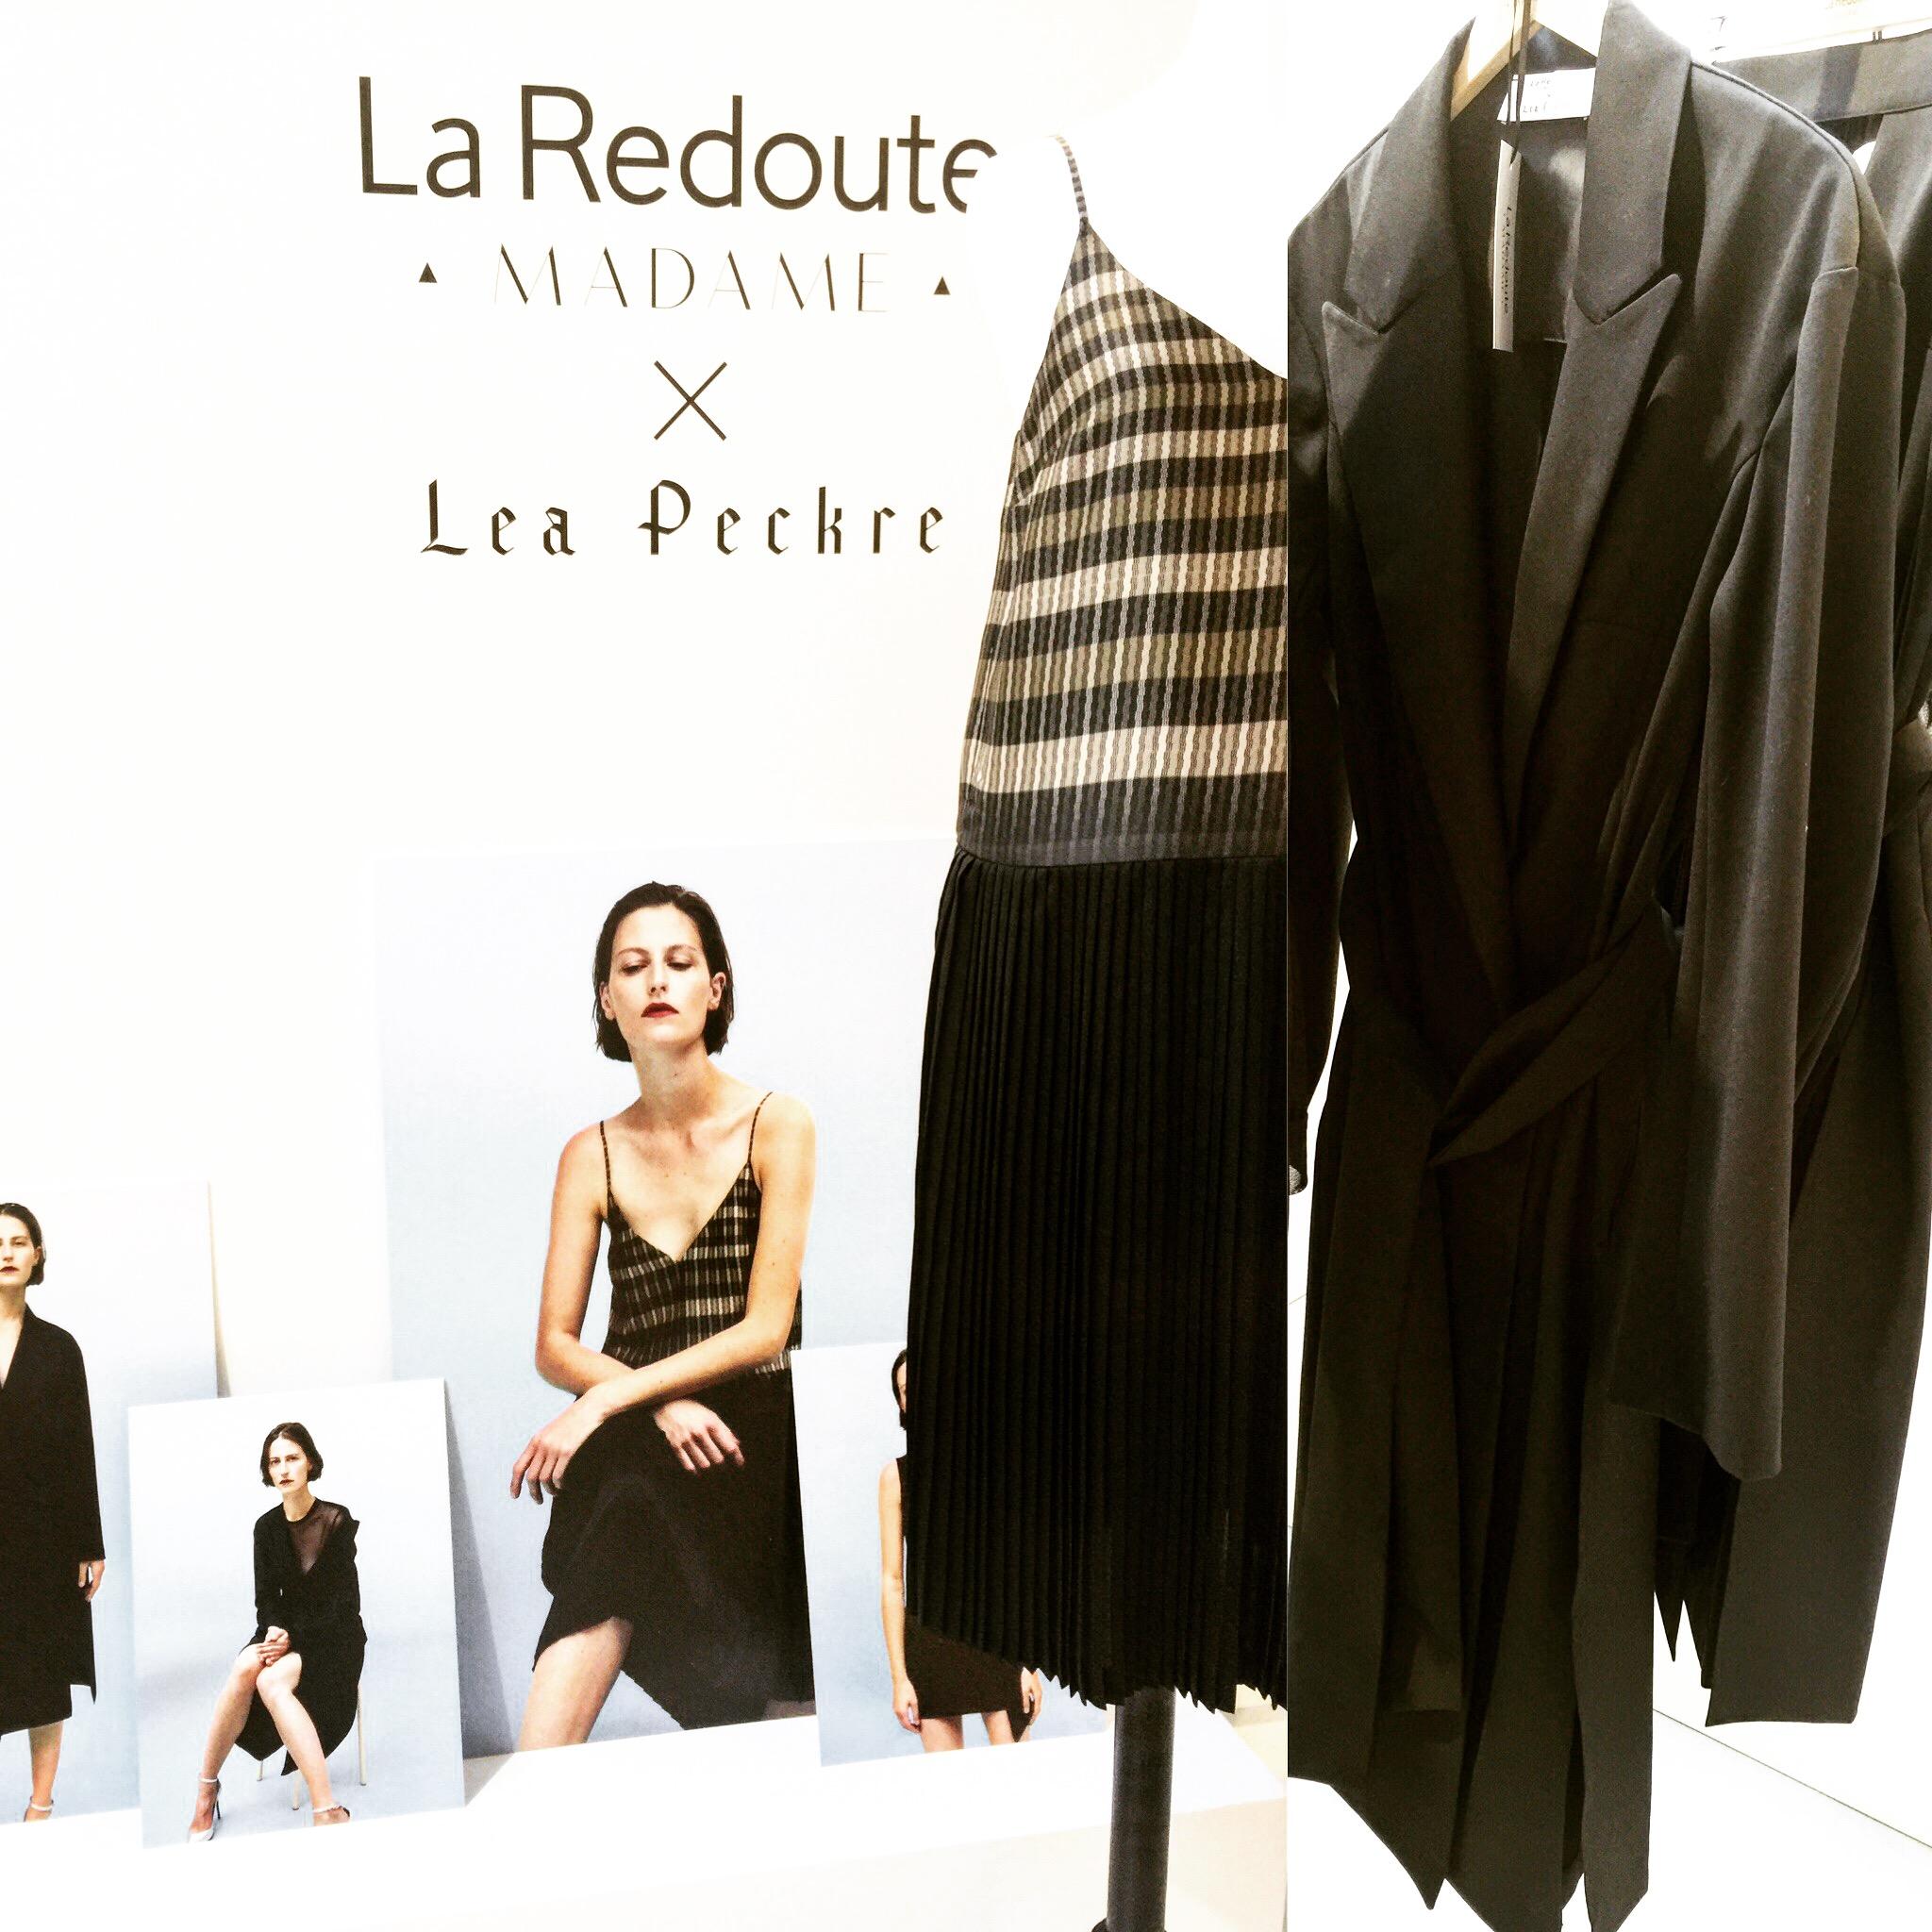 La-Redoute-Lea-Peckre-pressday-MS